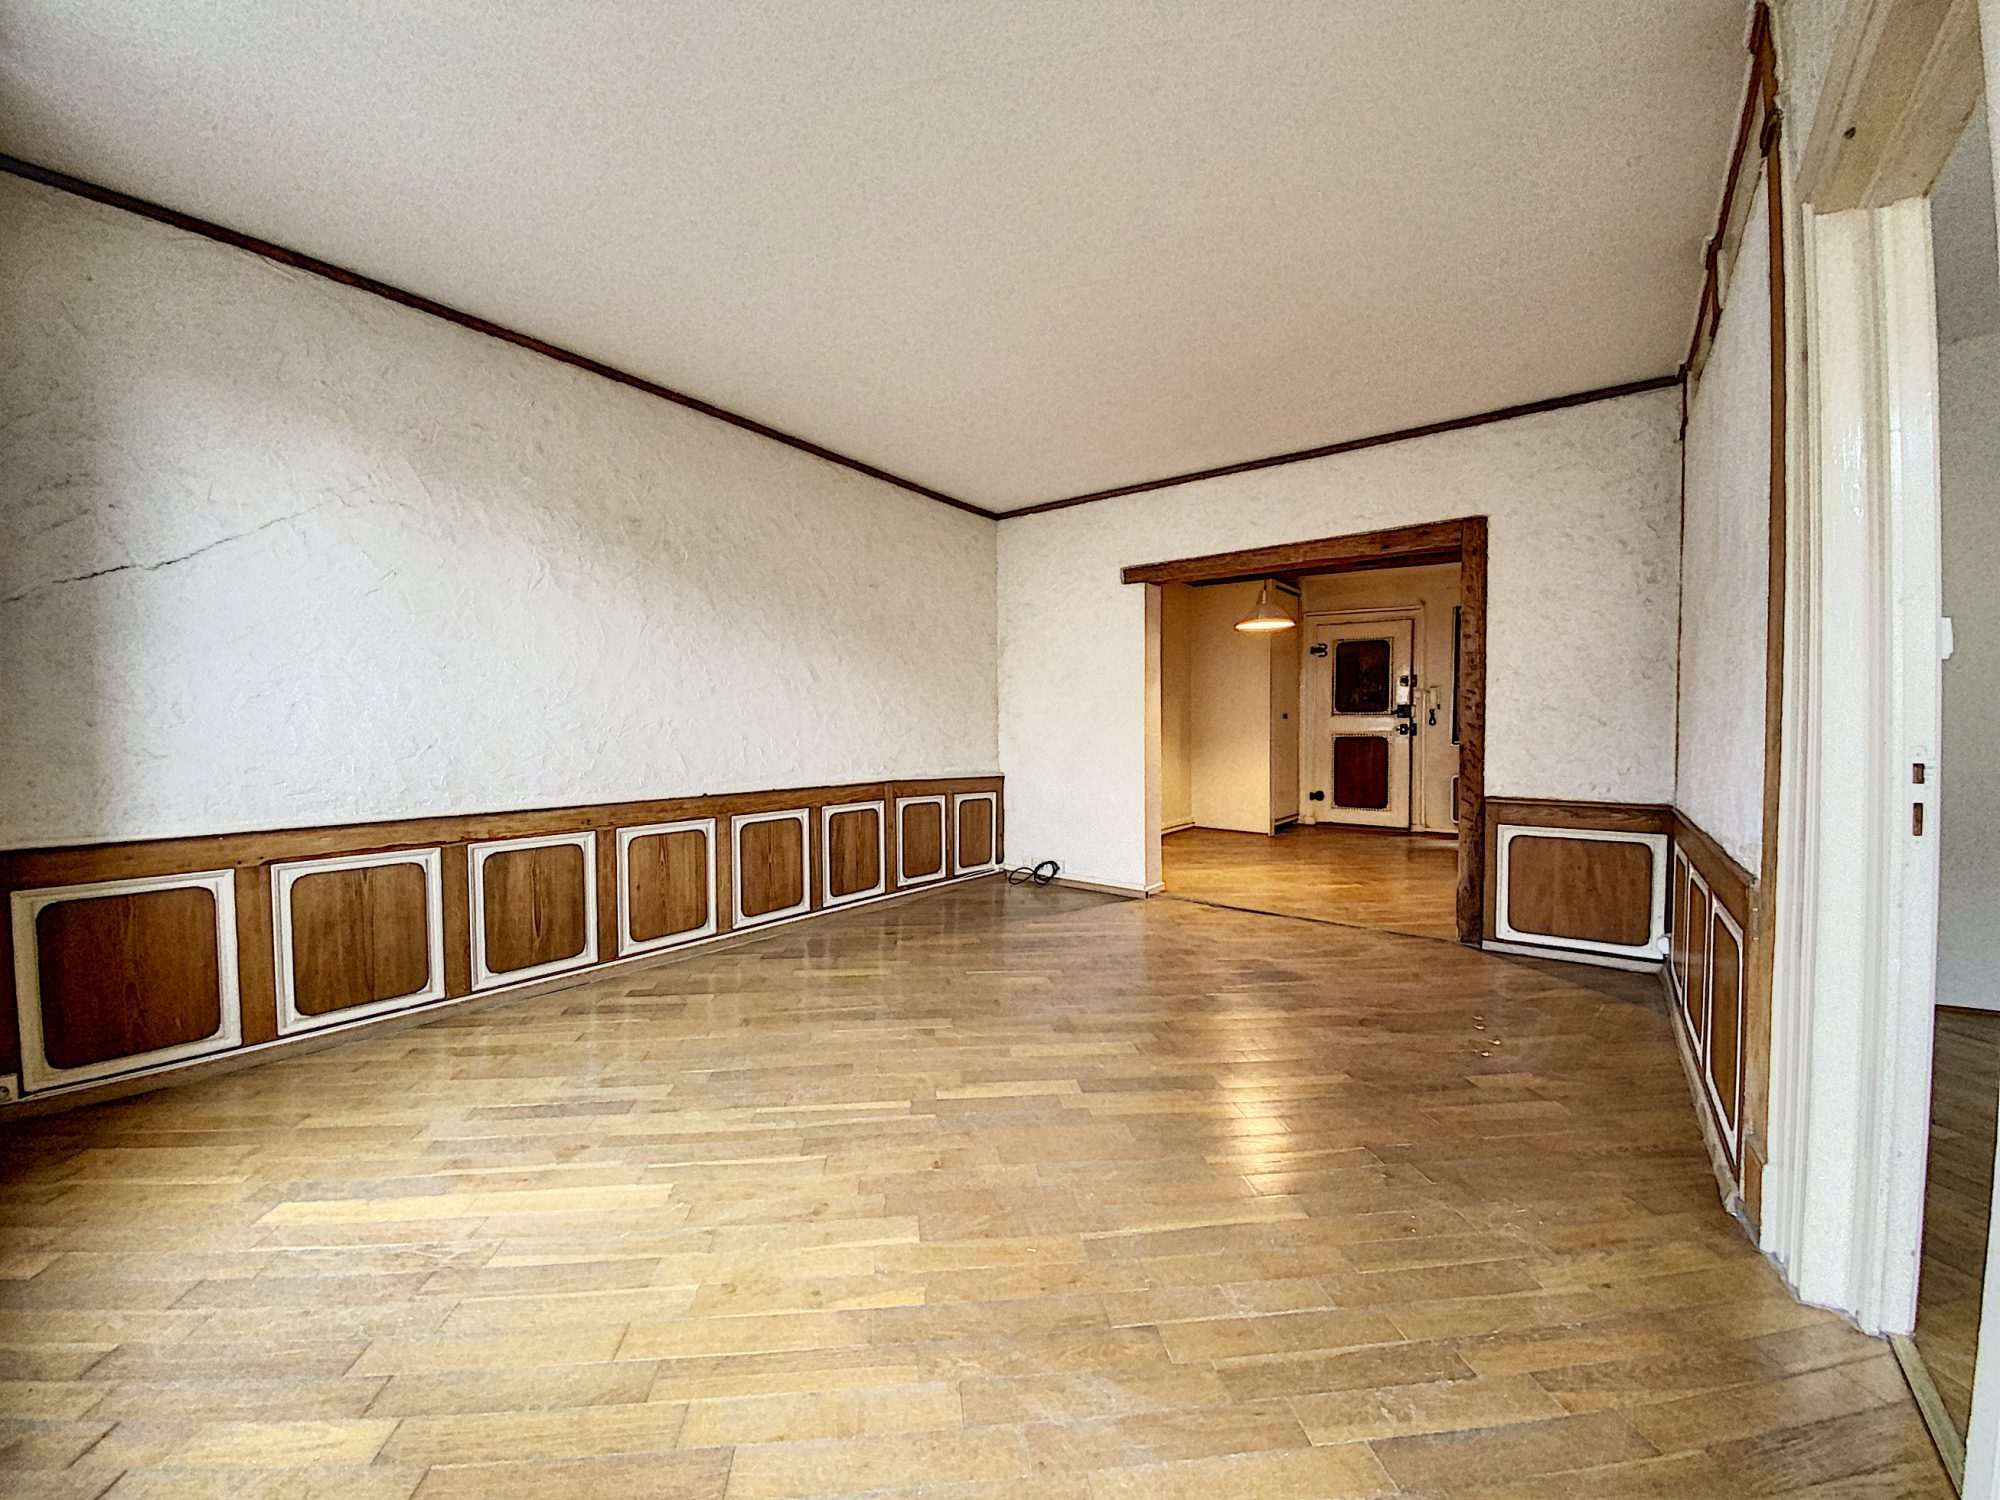 T2 PETITE FRANCE - Devenez locataire en toute sérénité - Bintz Immobilier - 10